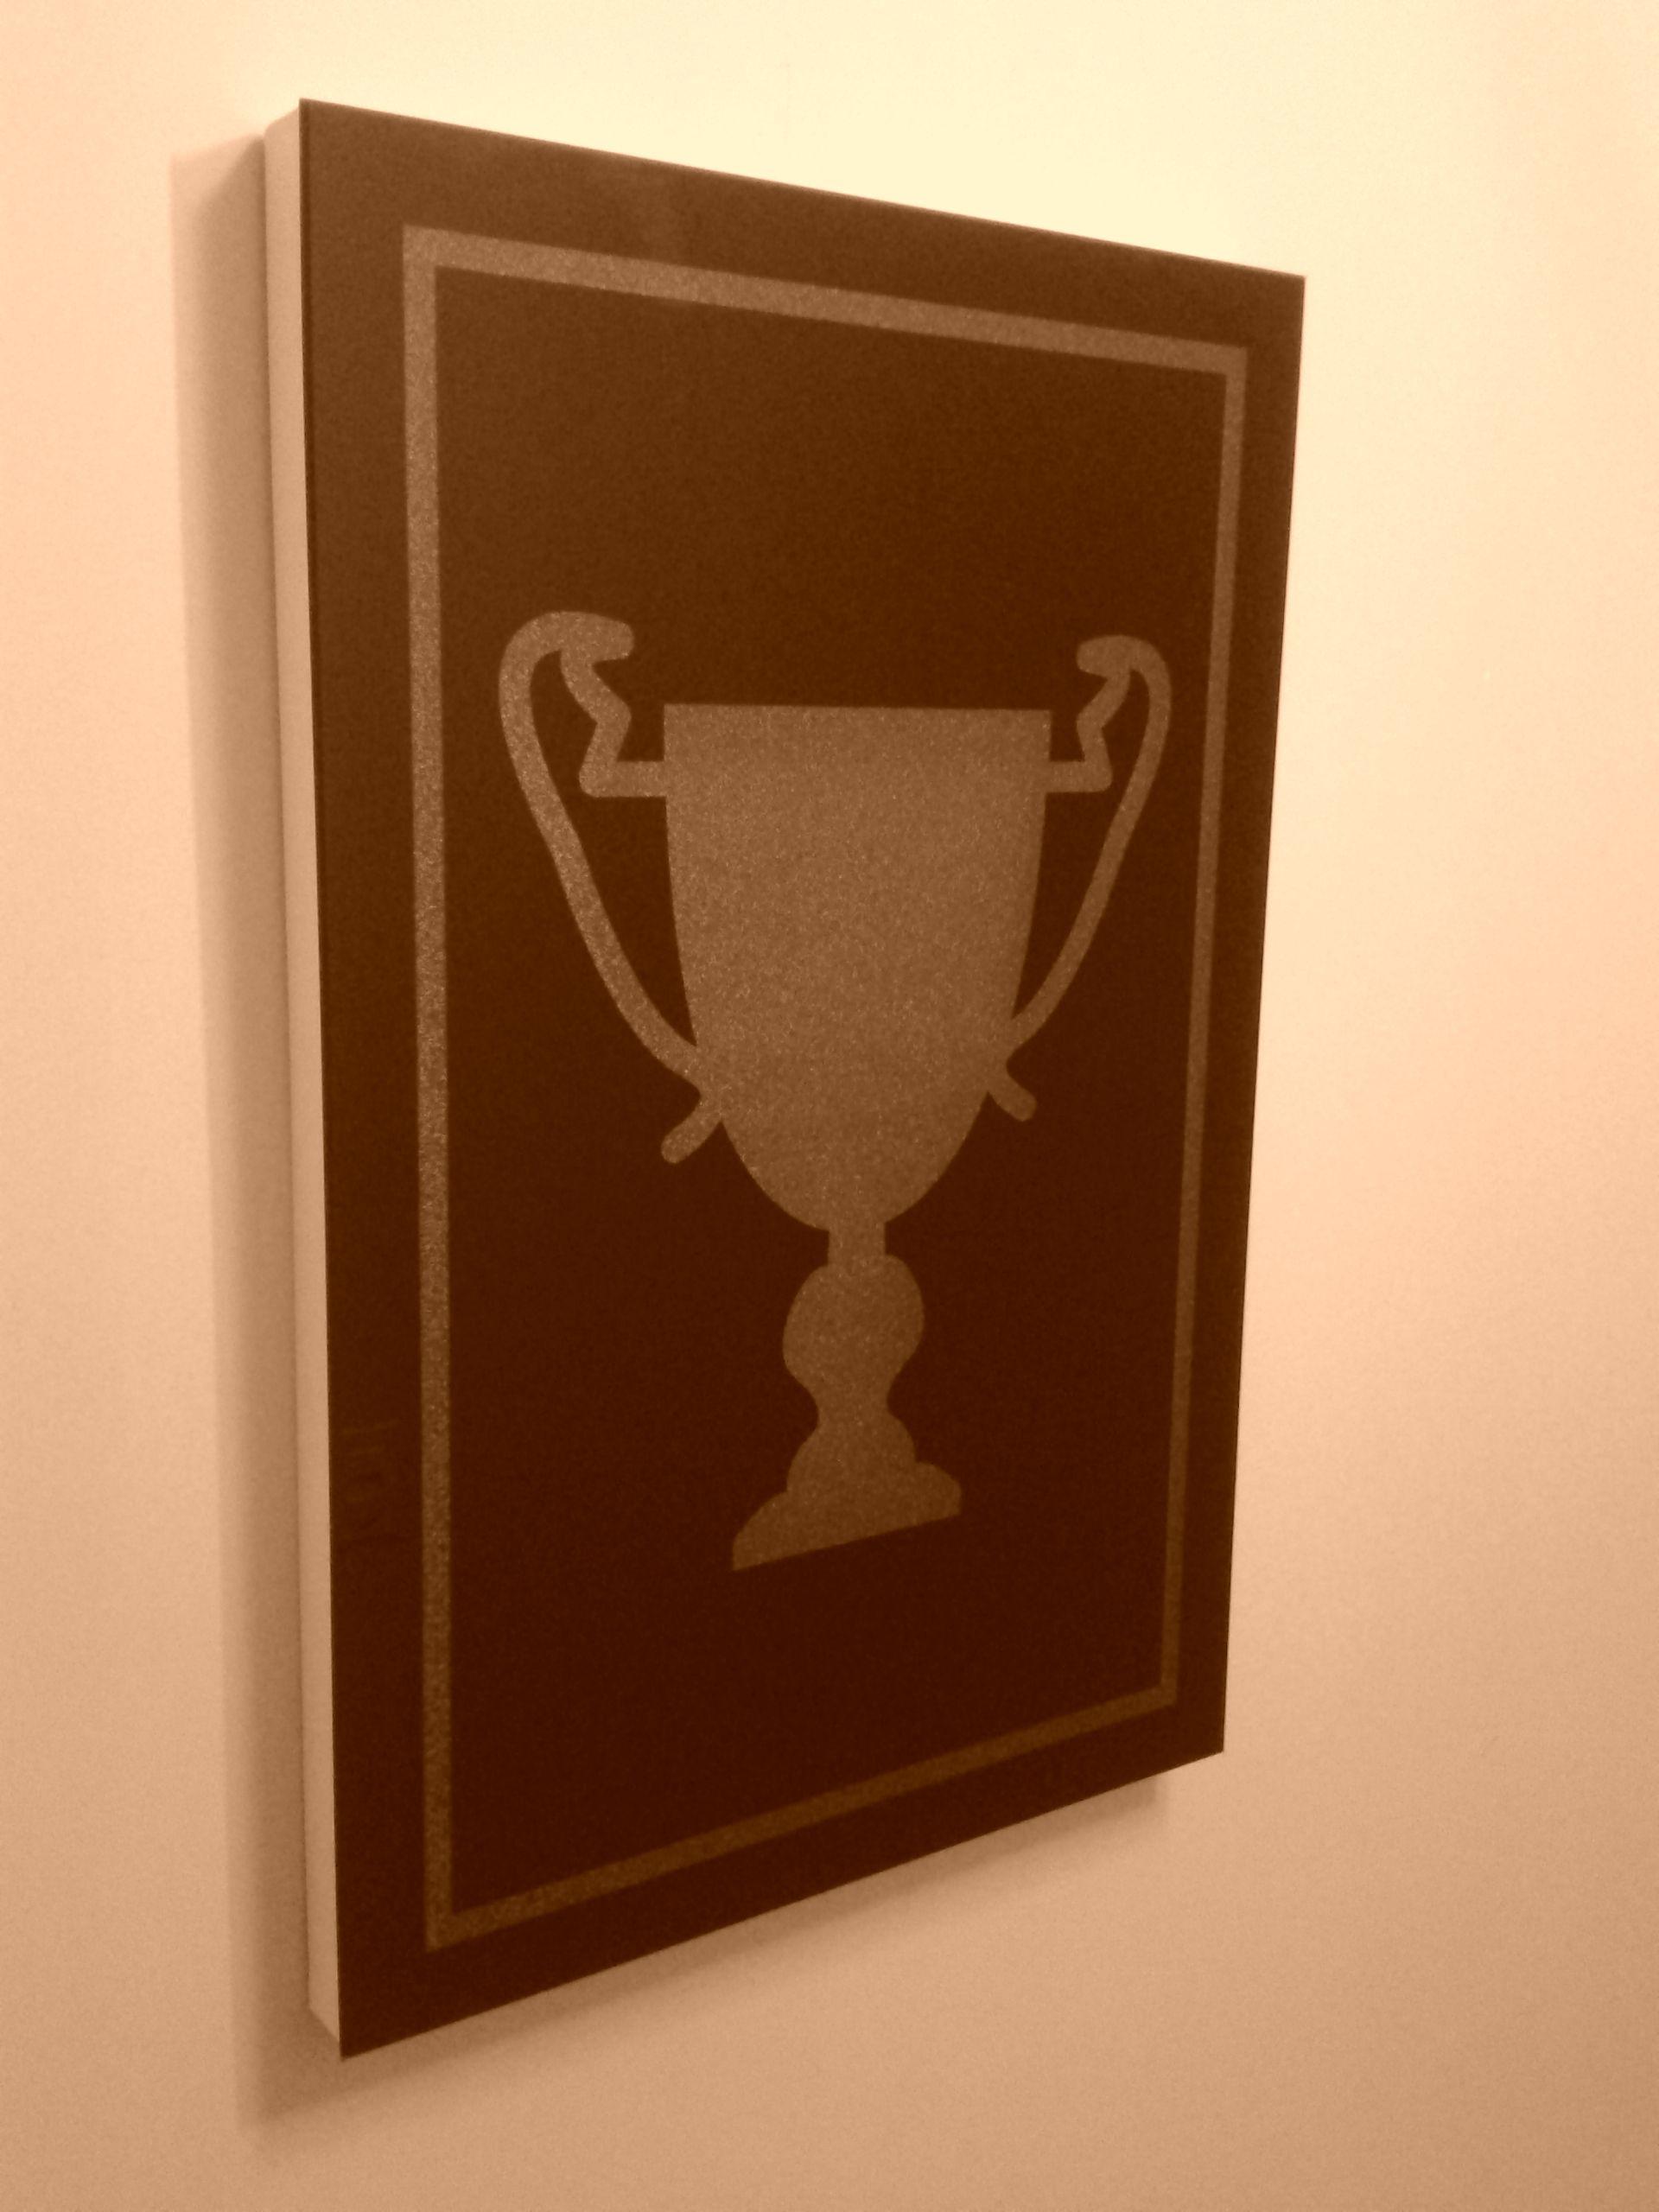 quadro com imagem de troféu, vidro preto, moldura branca. o trabalho foi feito com gravação a laser